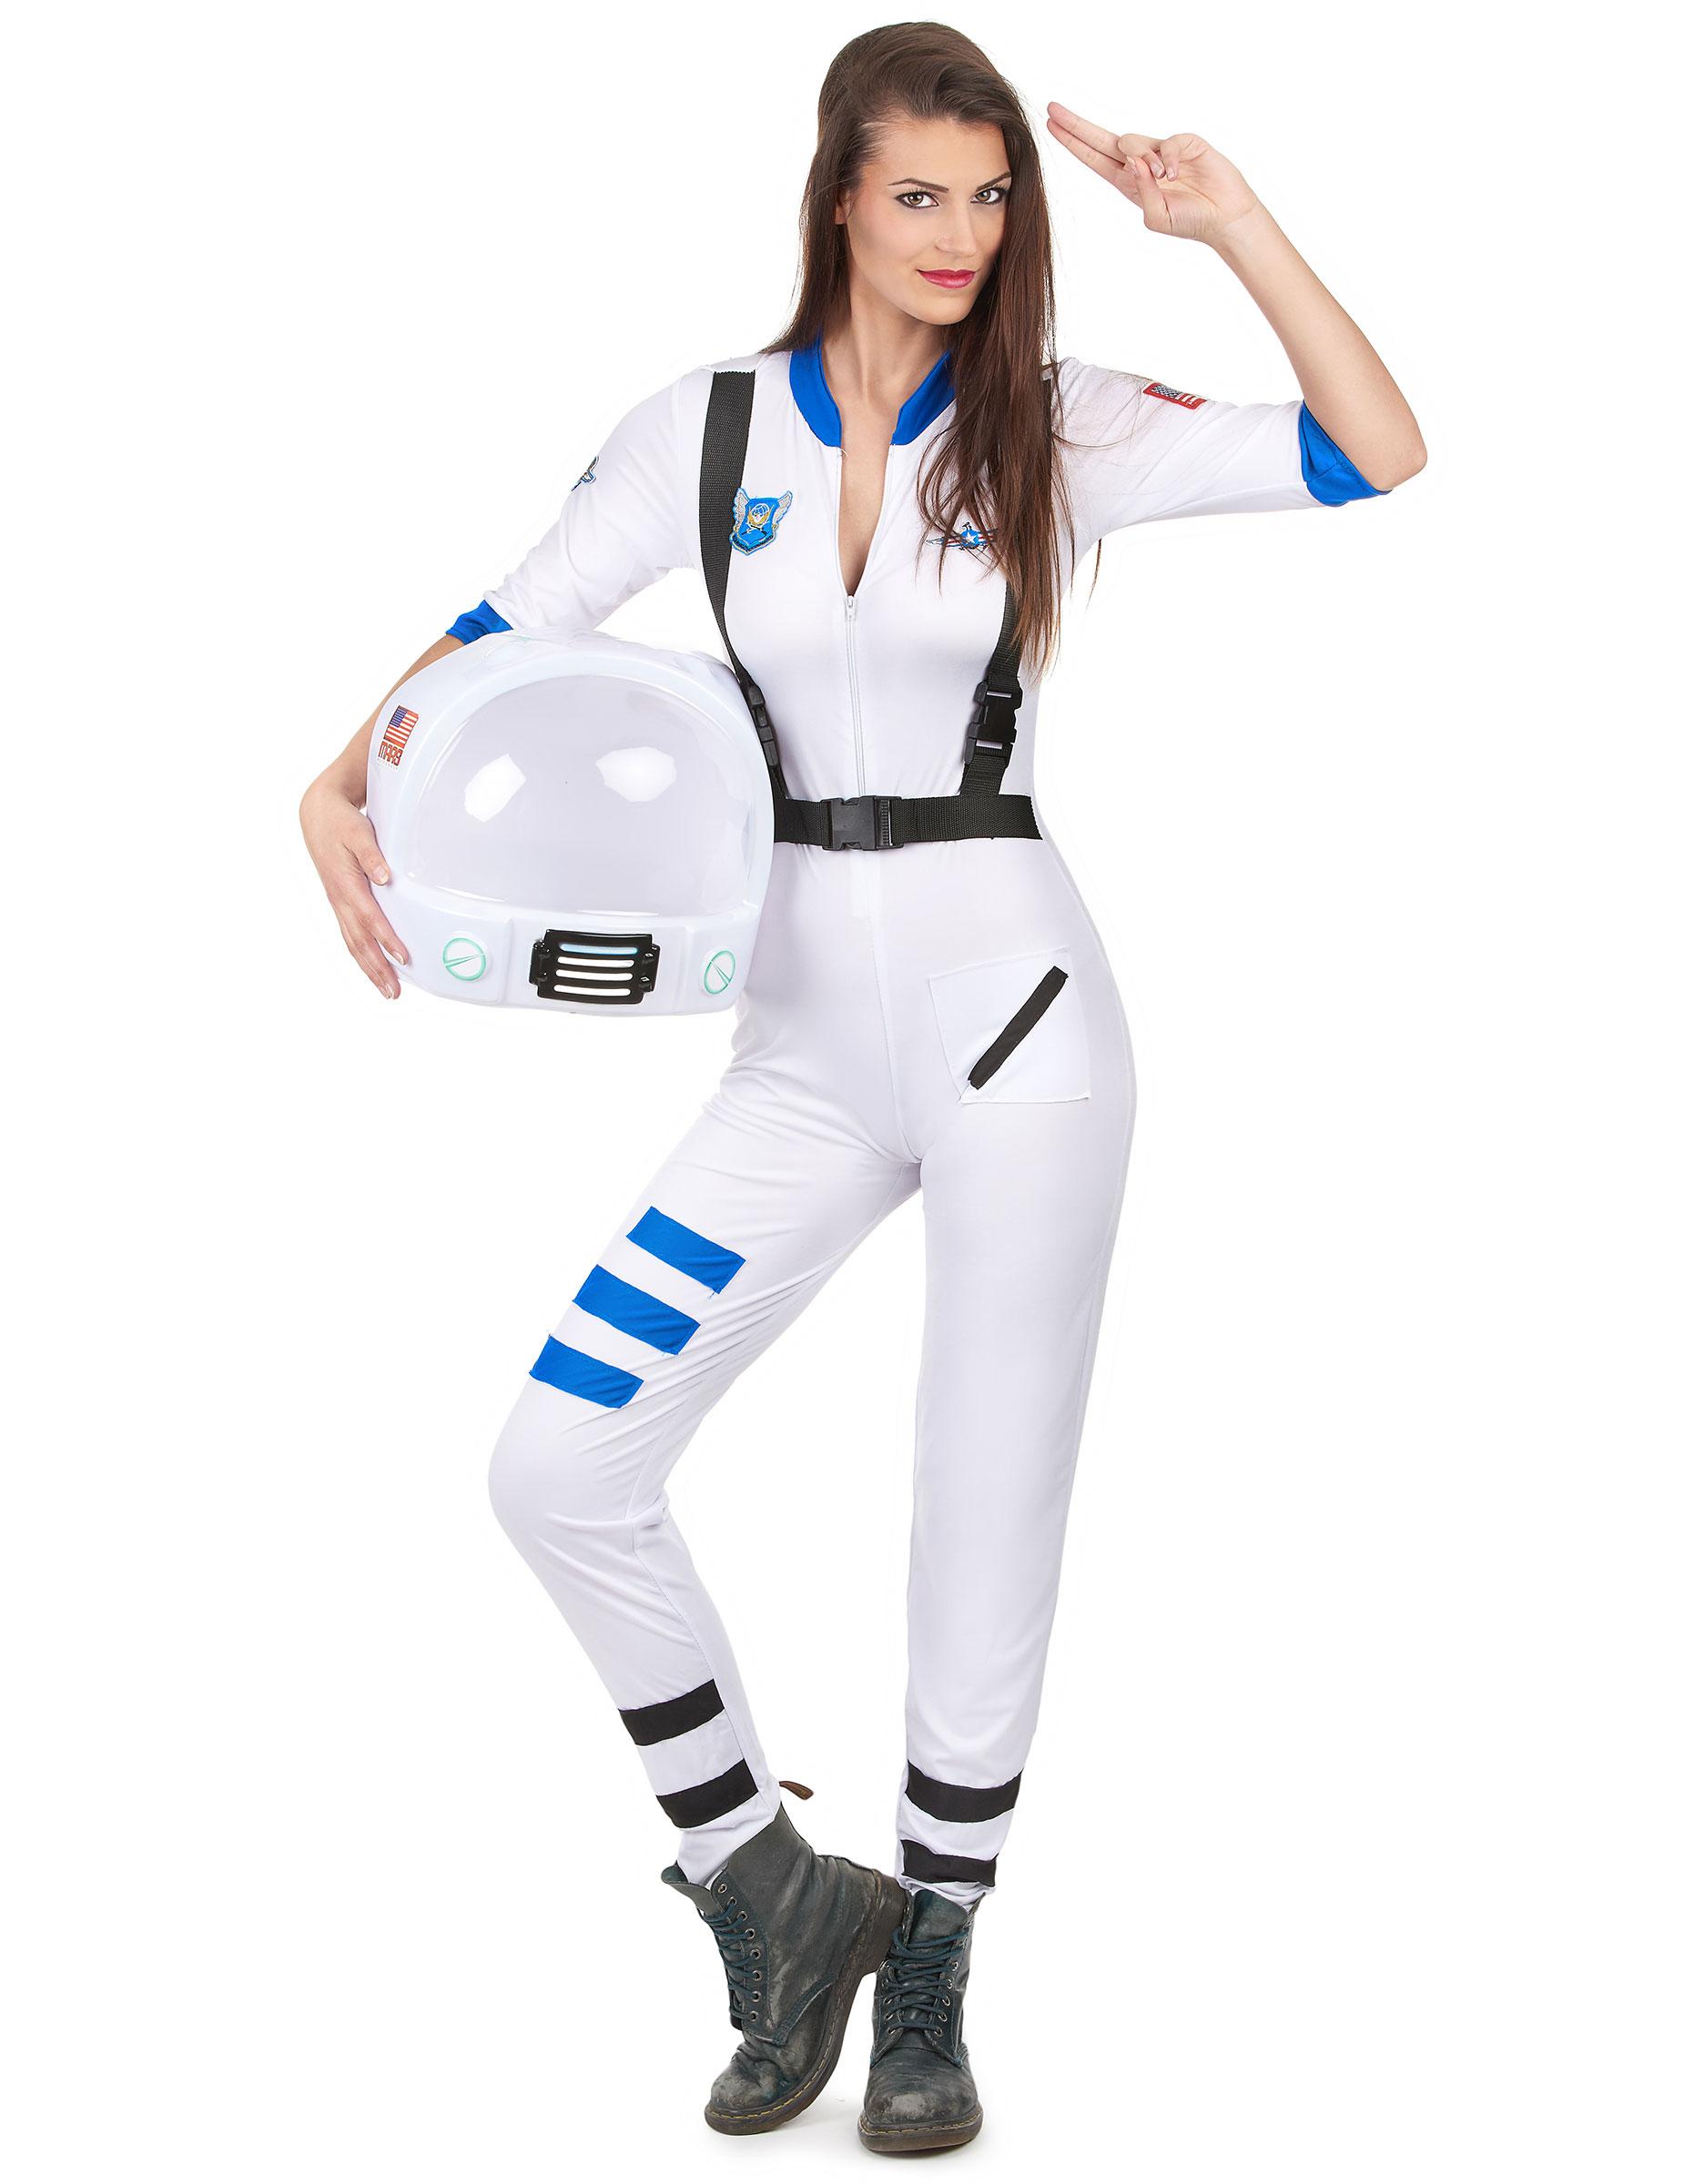 Tu disfraz de astronauta o alienígena para el Carnaval. En esta categoría te ofrecemos disfraces para la familia o tu grupo de amigos con la temática espacial. Elige tu disfraz original para divertirte en la fiesta o celebración. Envíos en 24 horas.